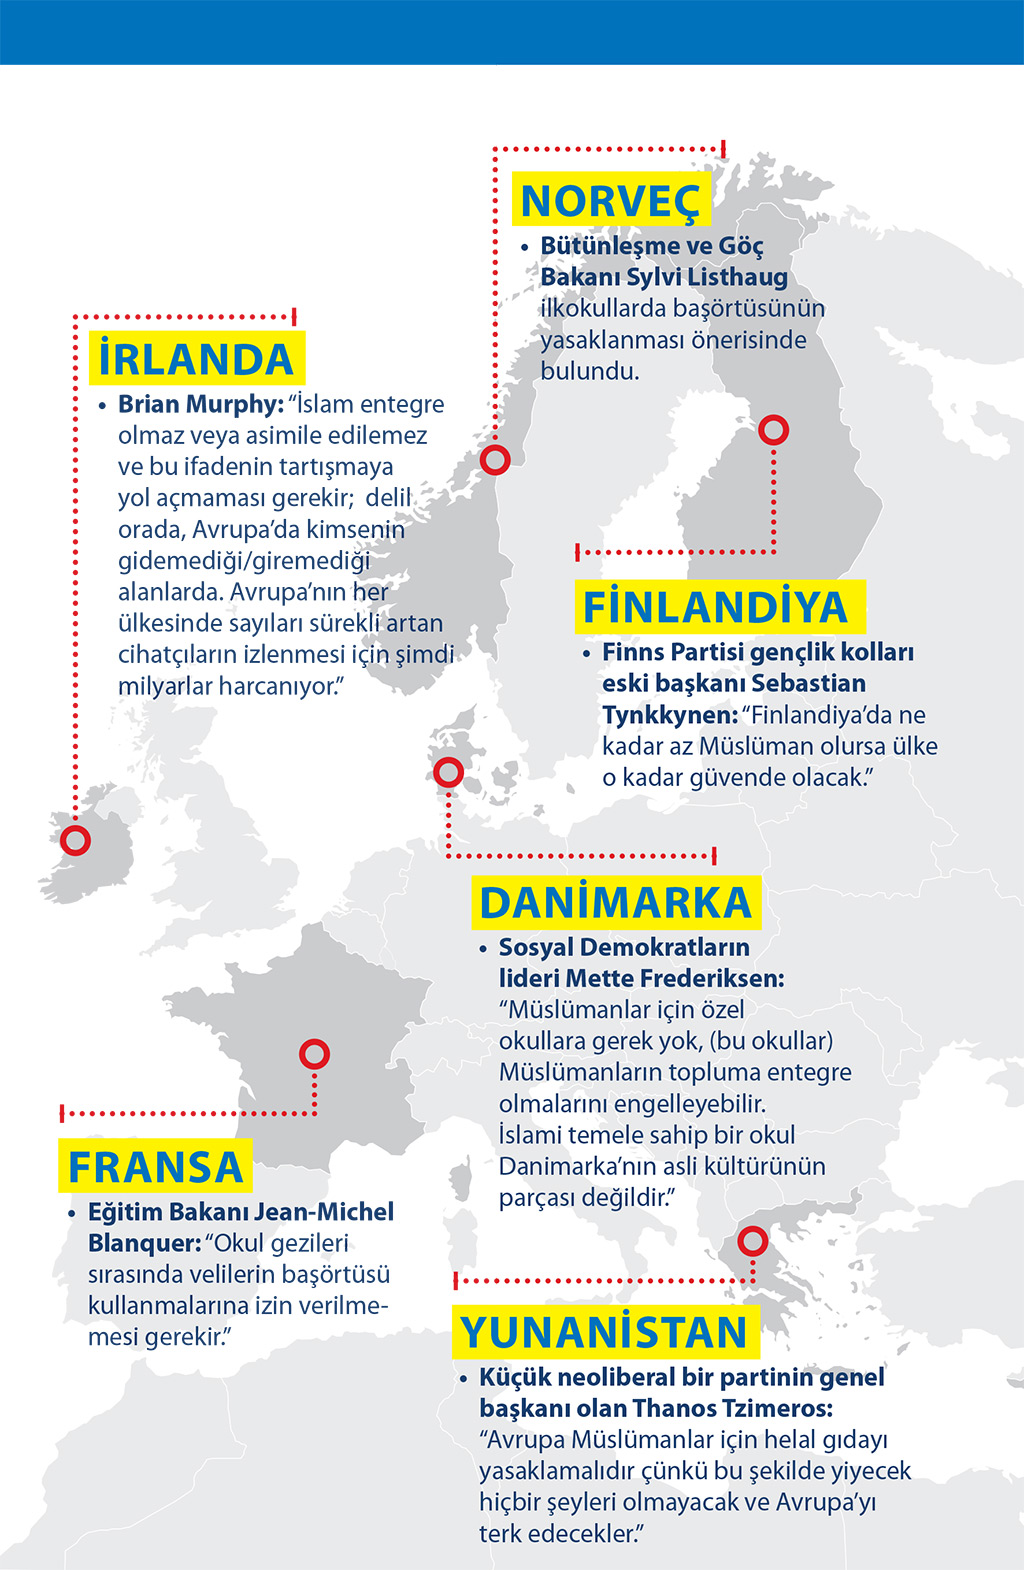 Avrupalı Siyasetçilerin İslamofobik Açıklamaları